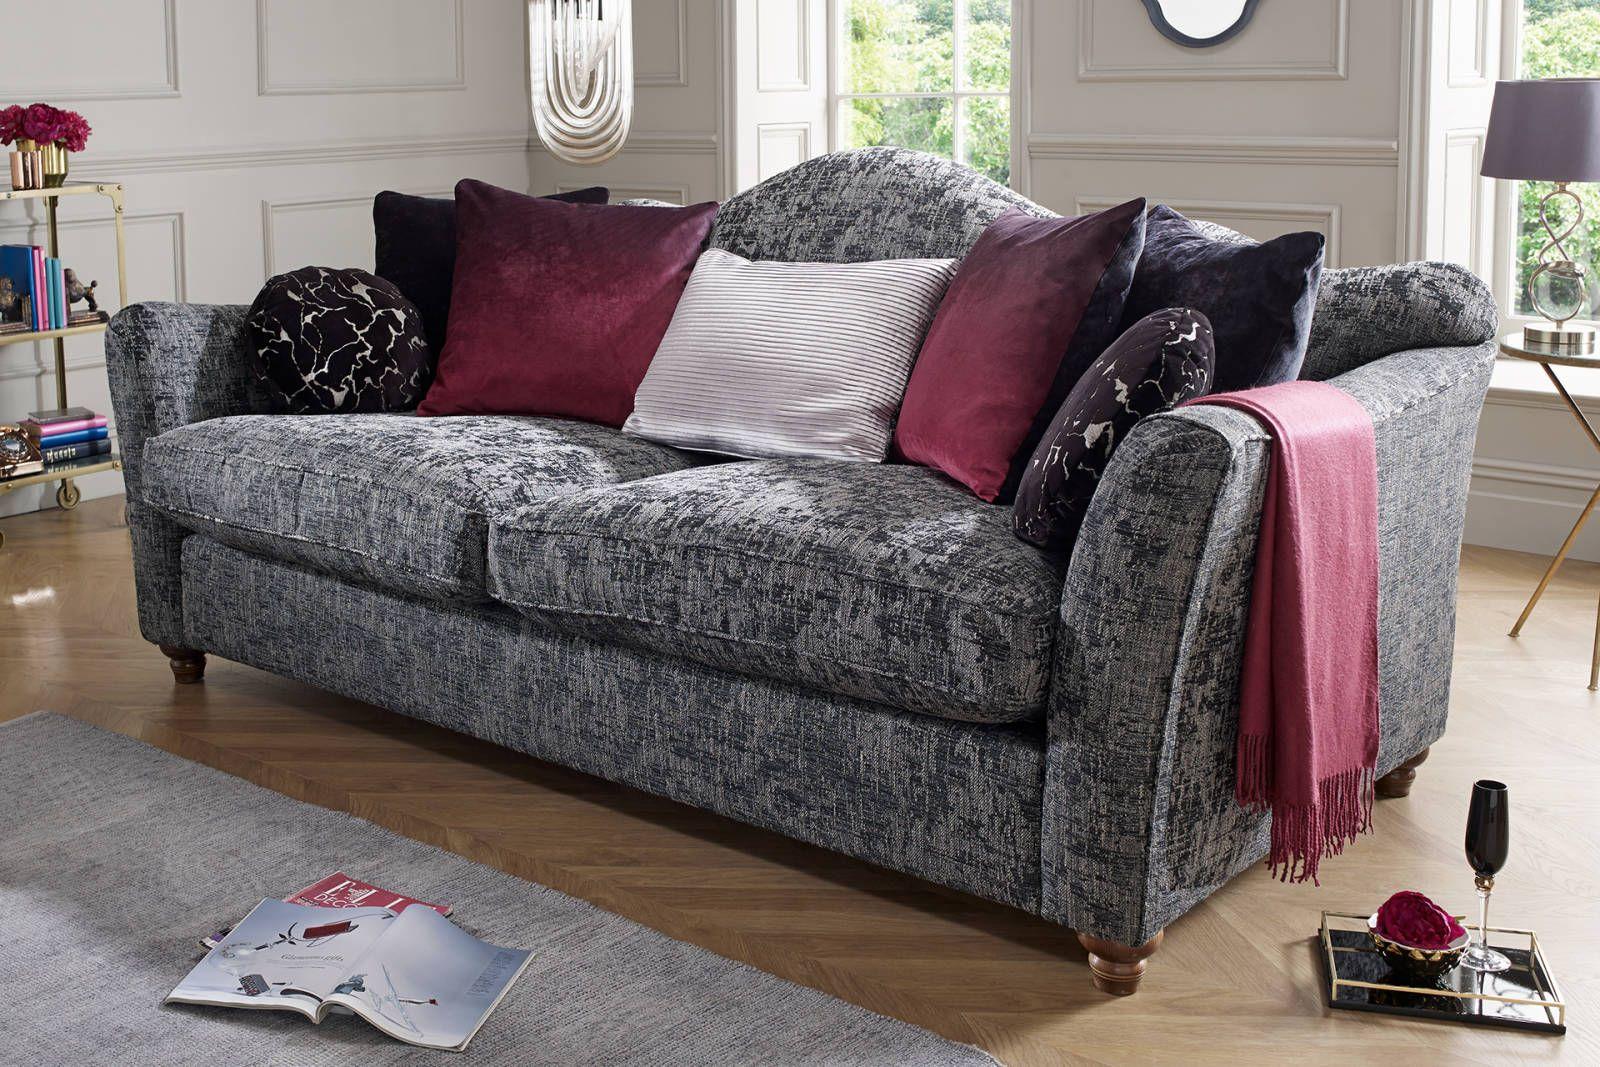 buy online 39e4a f5e36 Marseille | Sofology | Living room | Sofa, Sofa bed, Fabric sofa